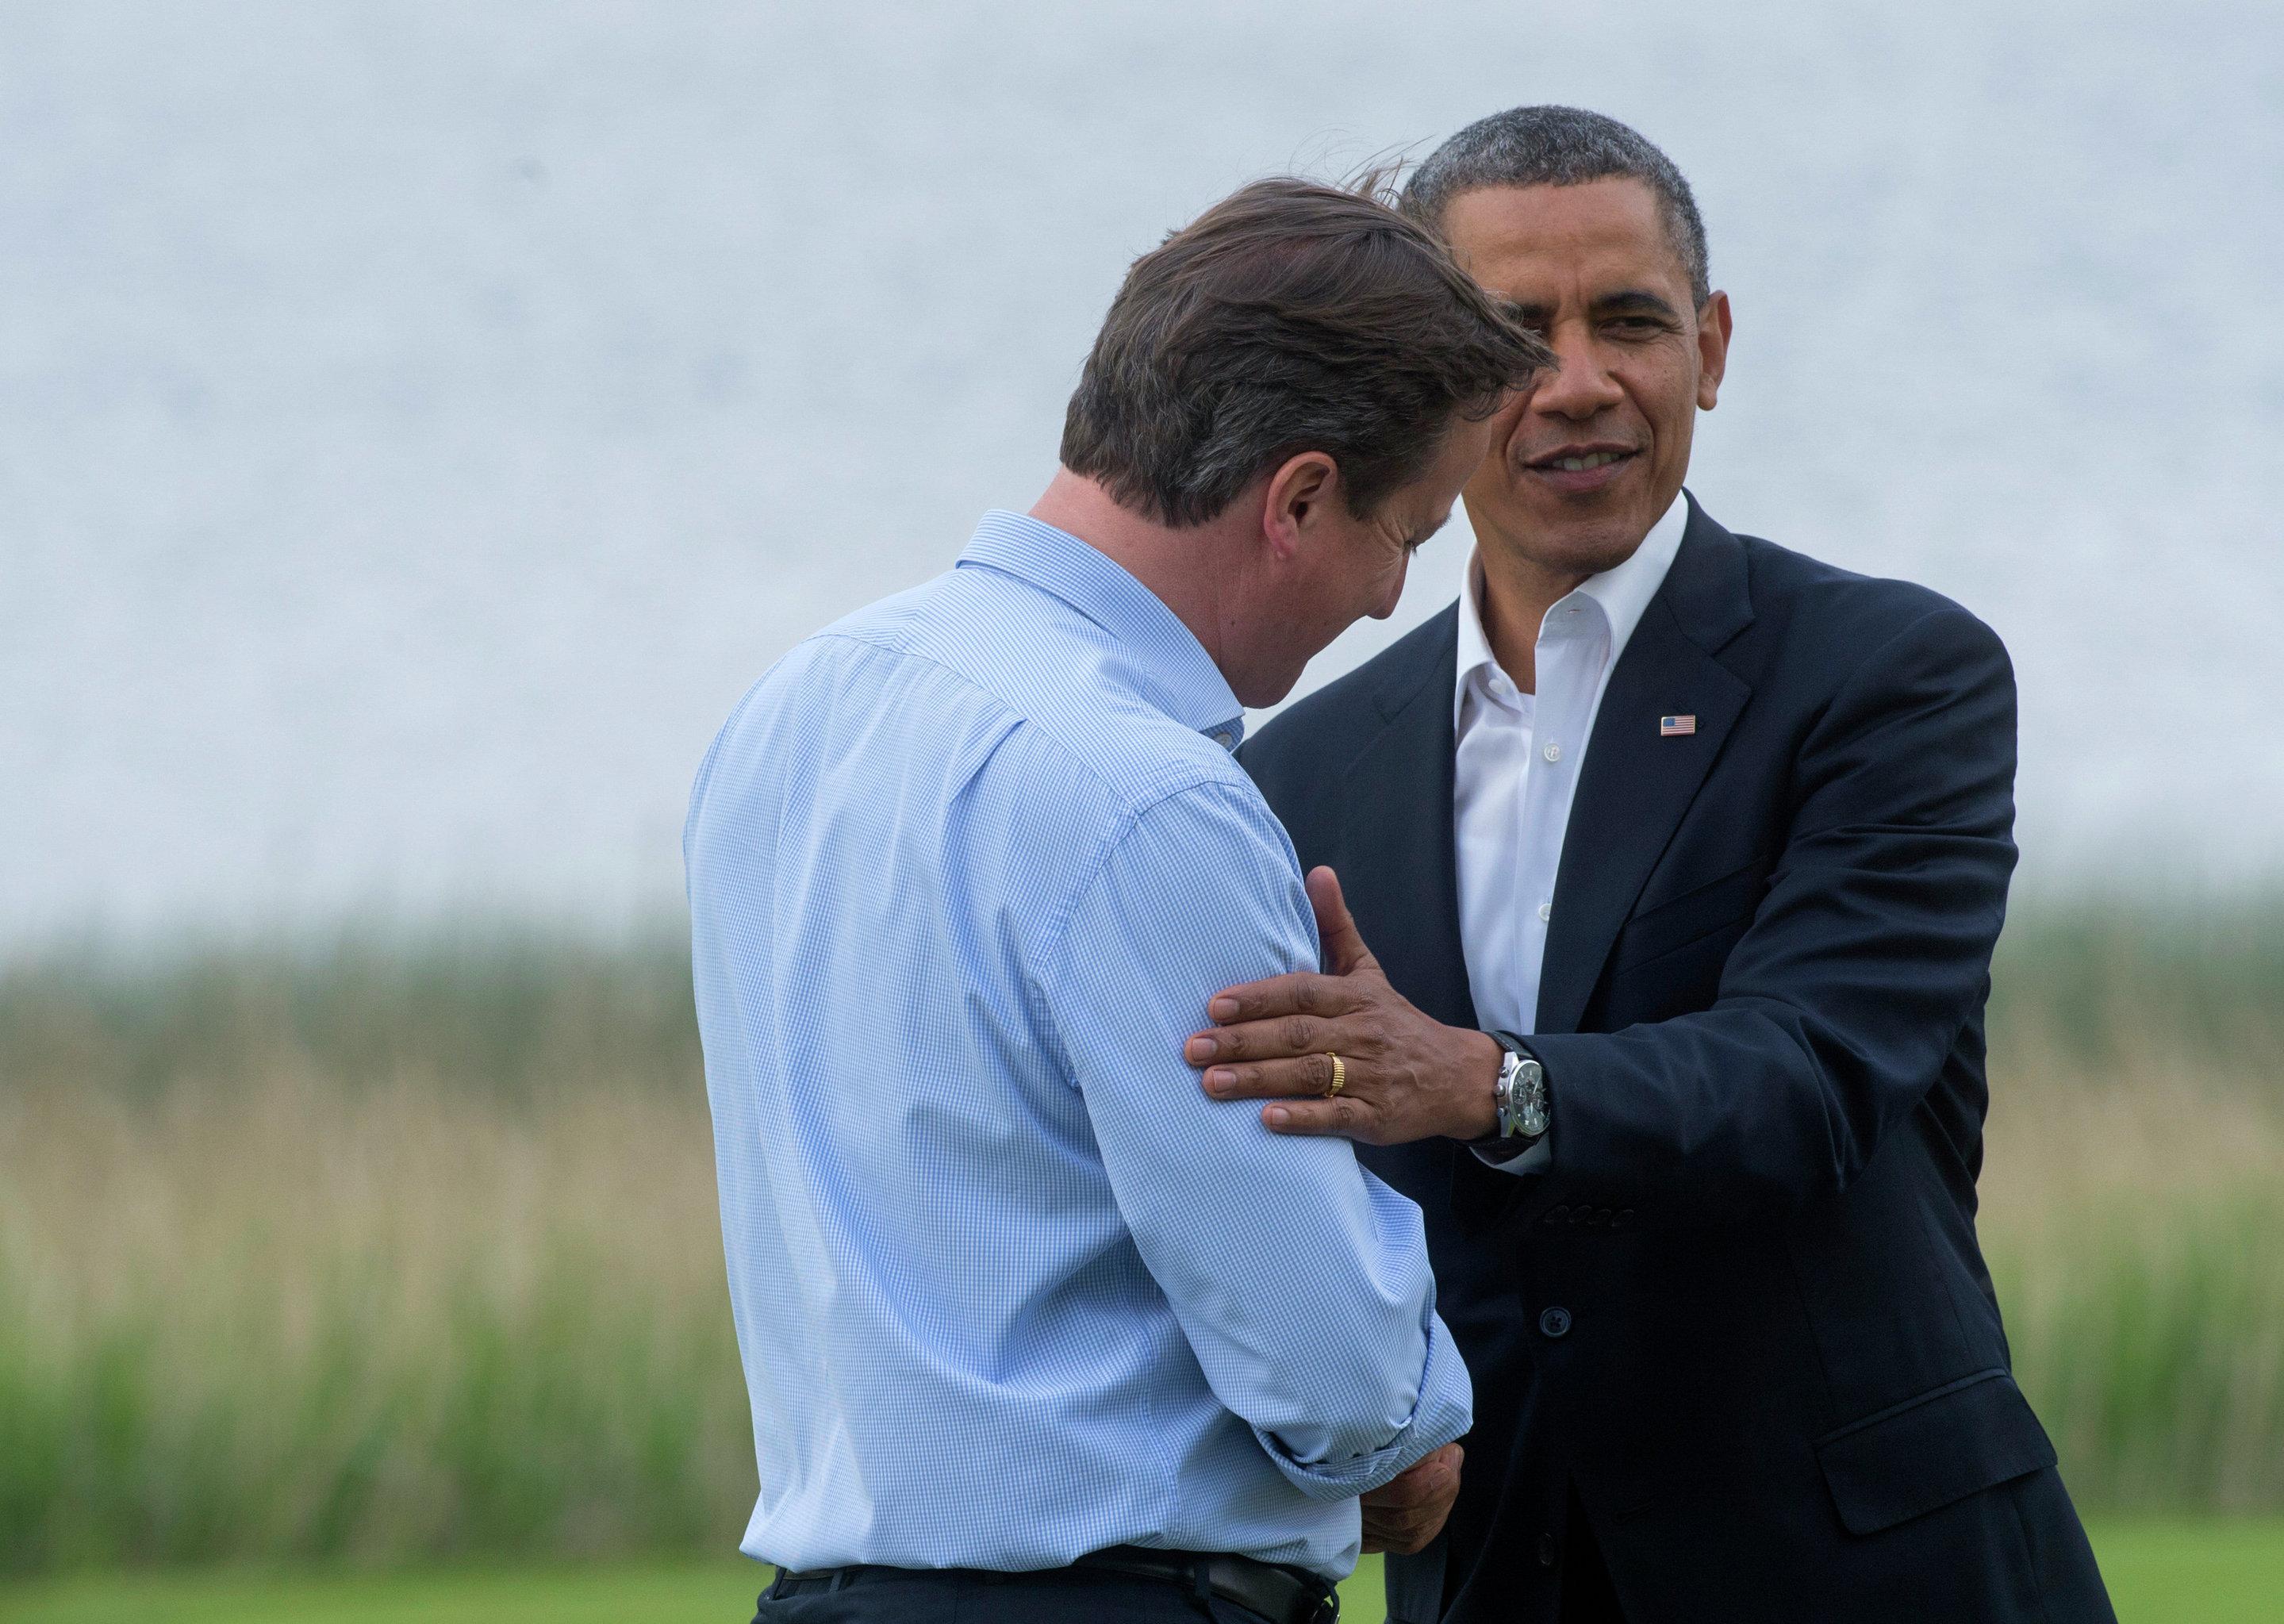 США вправе выступить против выхода Великобритании из ЕС